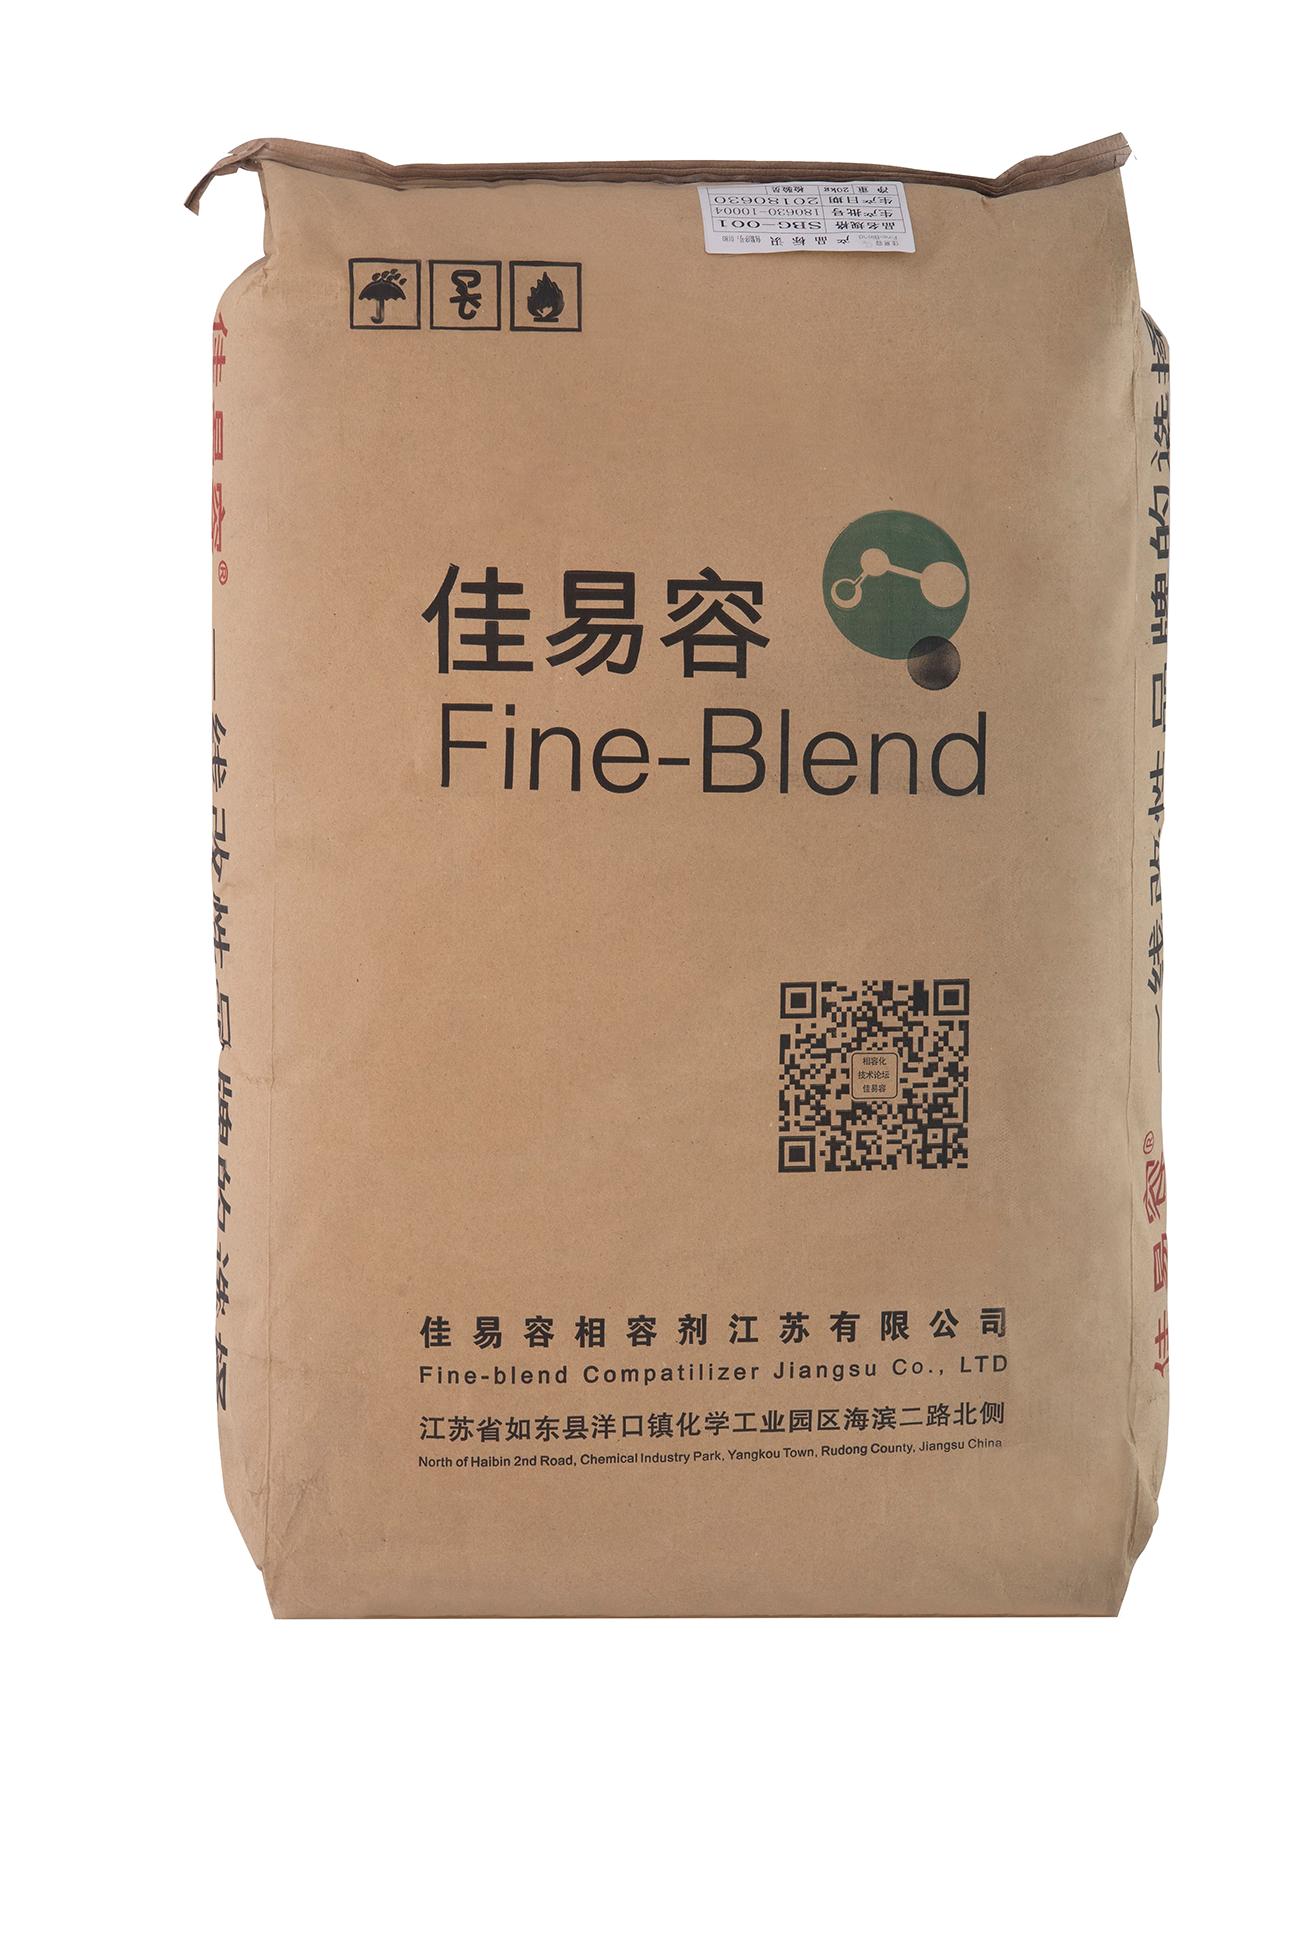 Fine Blend CMG 5701   25 kg (55 lb)